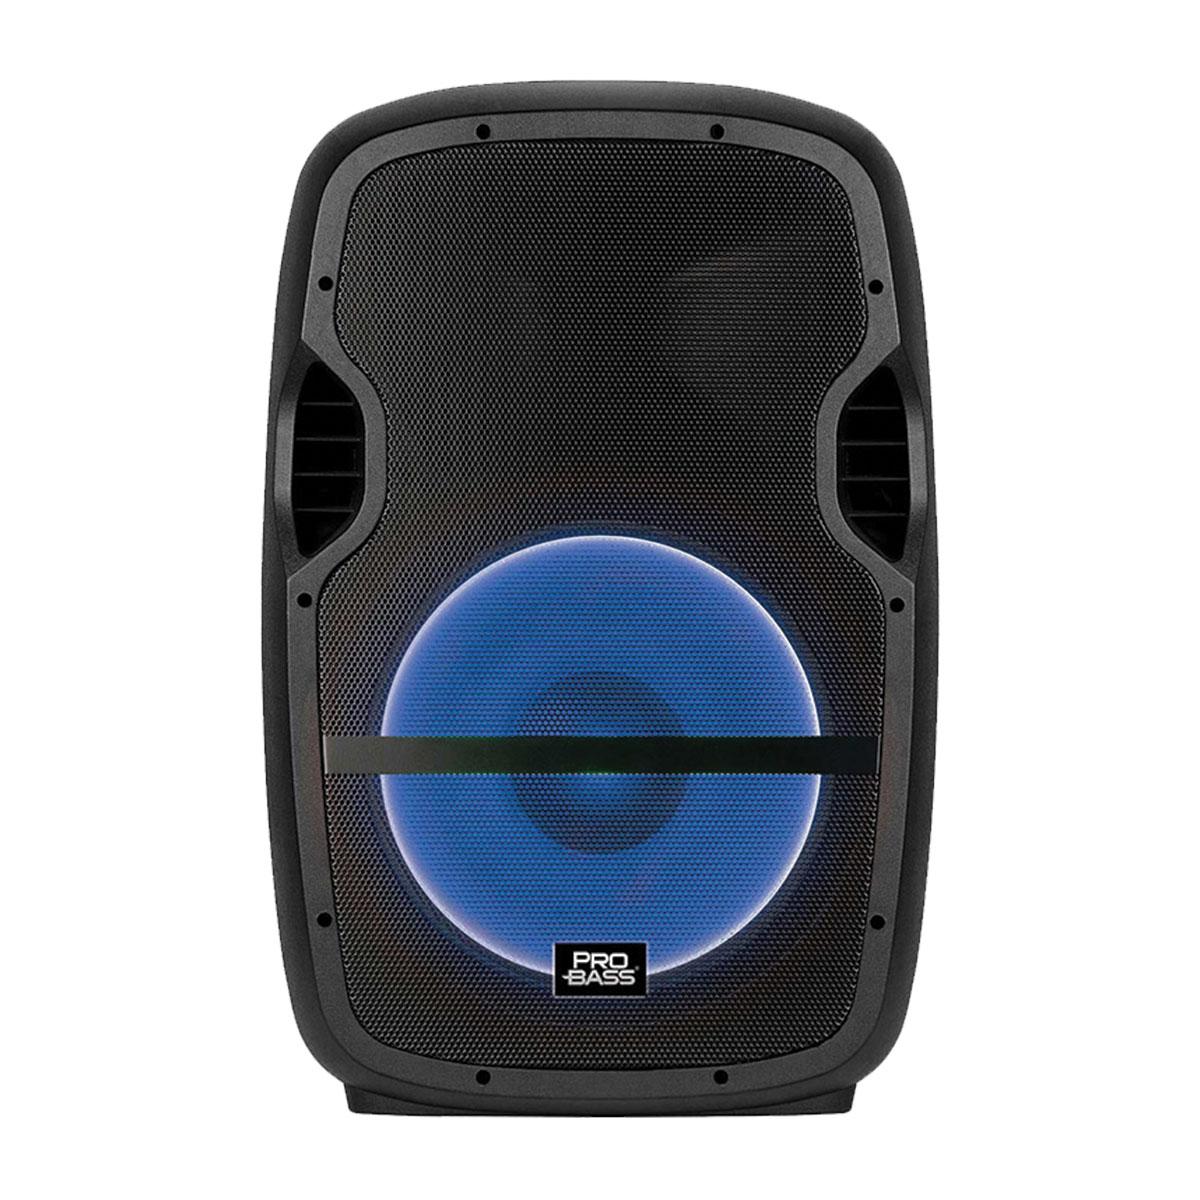 """CAIXA AMPLIFICADA ELEVATE LP USB/SD/BT 15"""""""" 200W, ACOMPANHA SUPORTE, MICROFONE COM FIO, CONTROLE REMOTO, LED"""